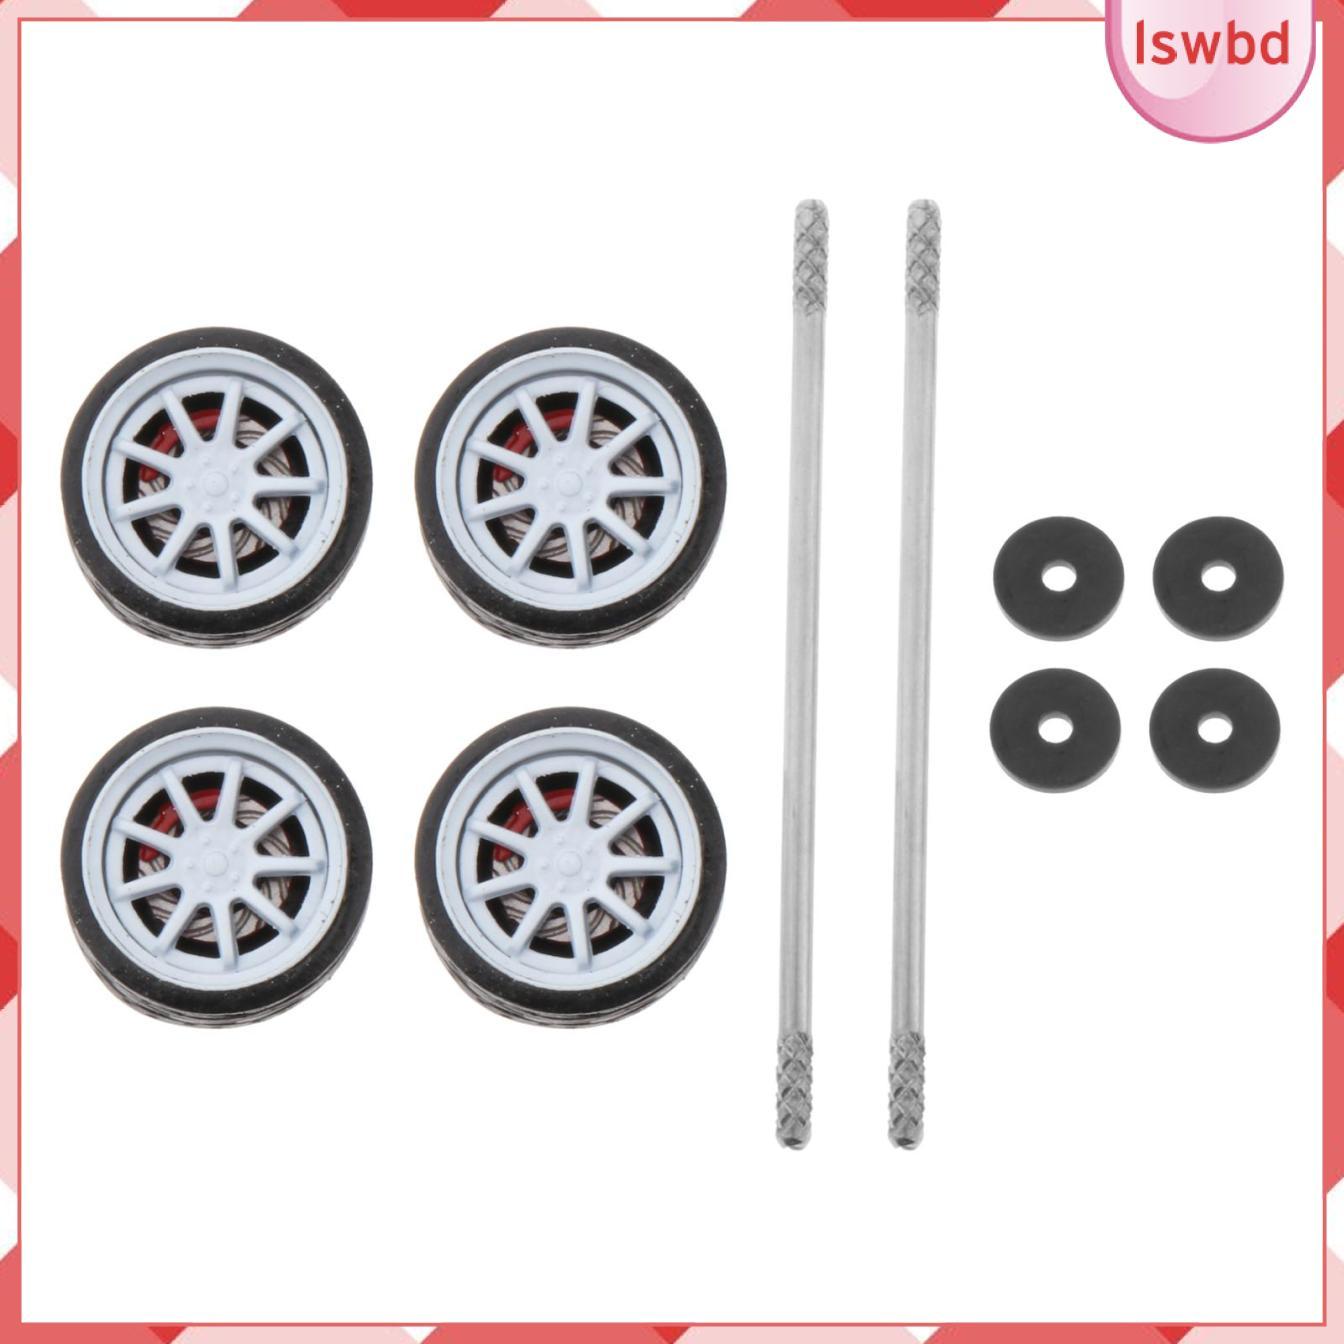 4件11毫米輪轂輪輞和橡膠輪胎套裝,適用於1:64型號改裝汽車